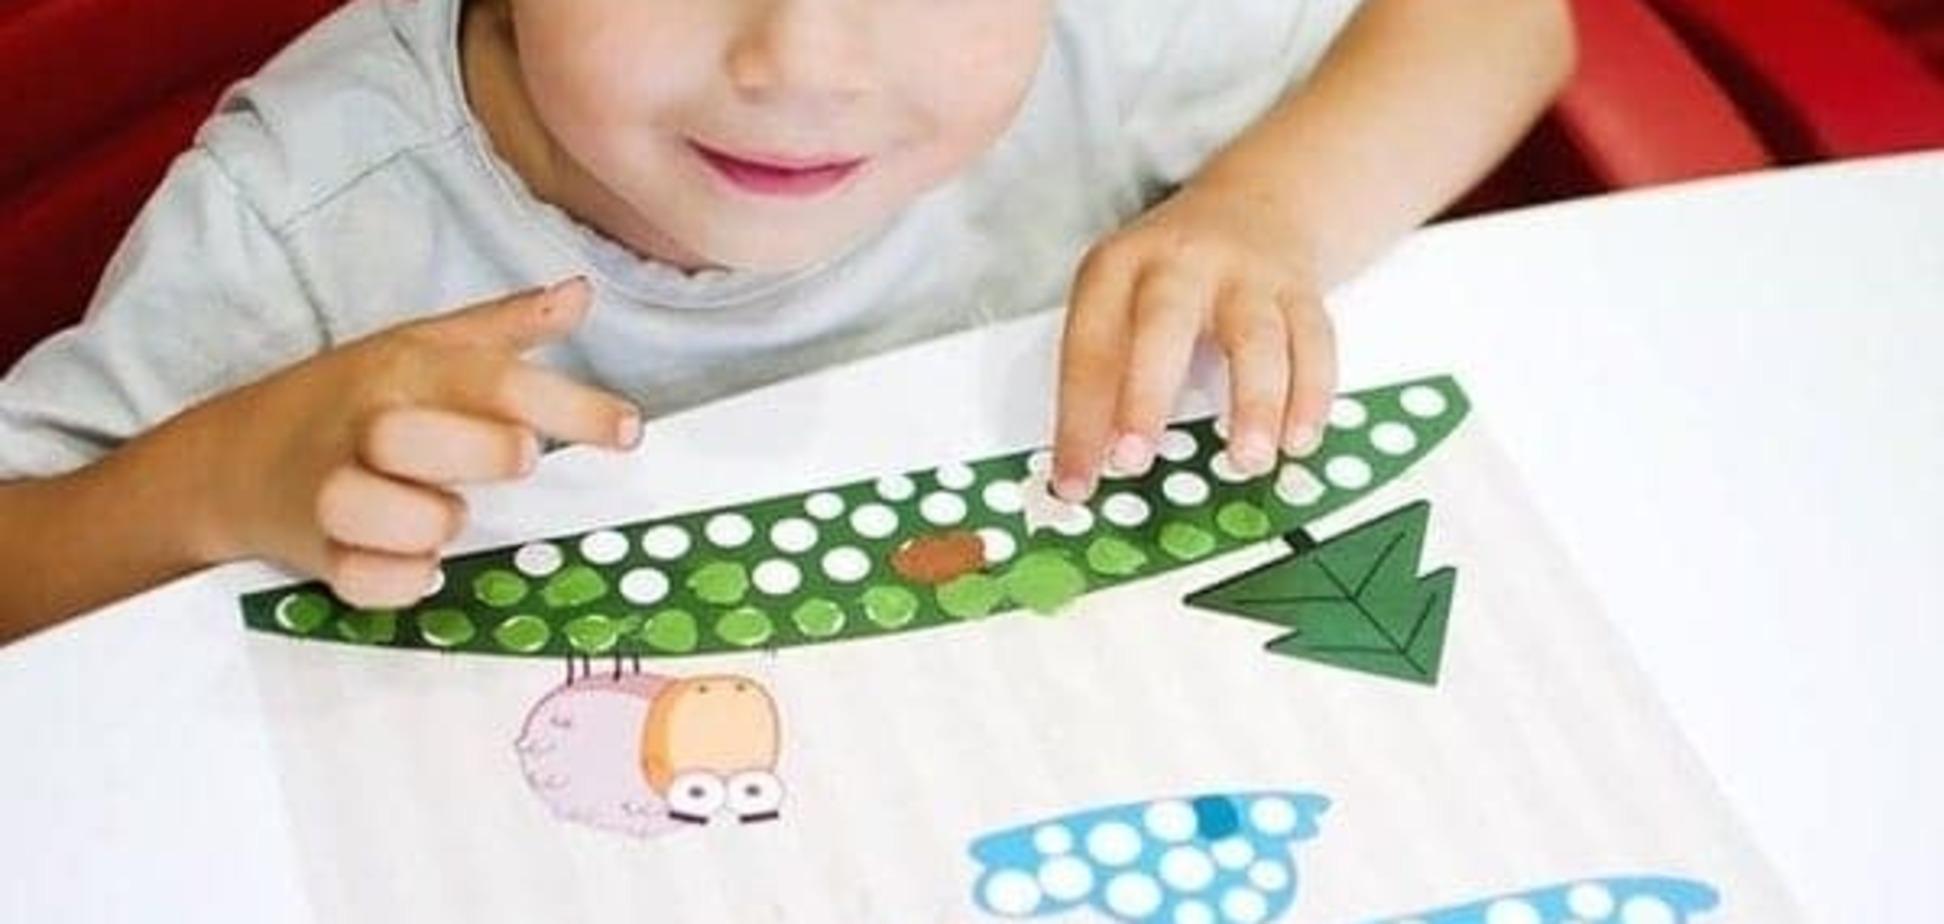 Виявляємо досягнення дітей раннього та молодшого дошкільного віку в образотворчій діяльності (малюванні, ліпленні, аплікації)